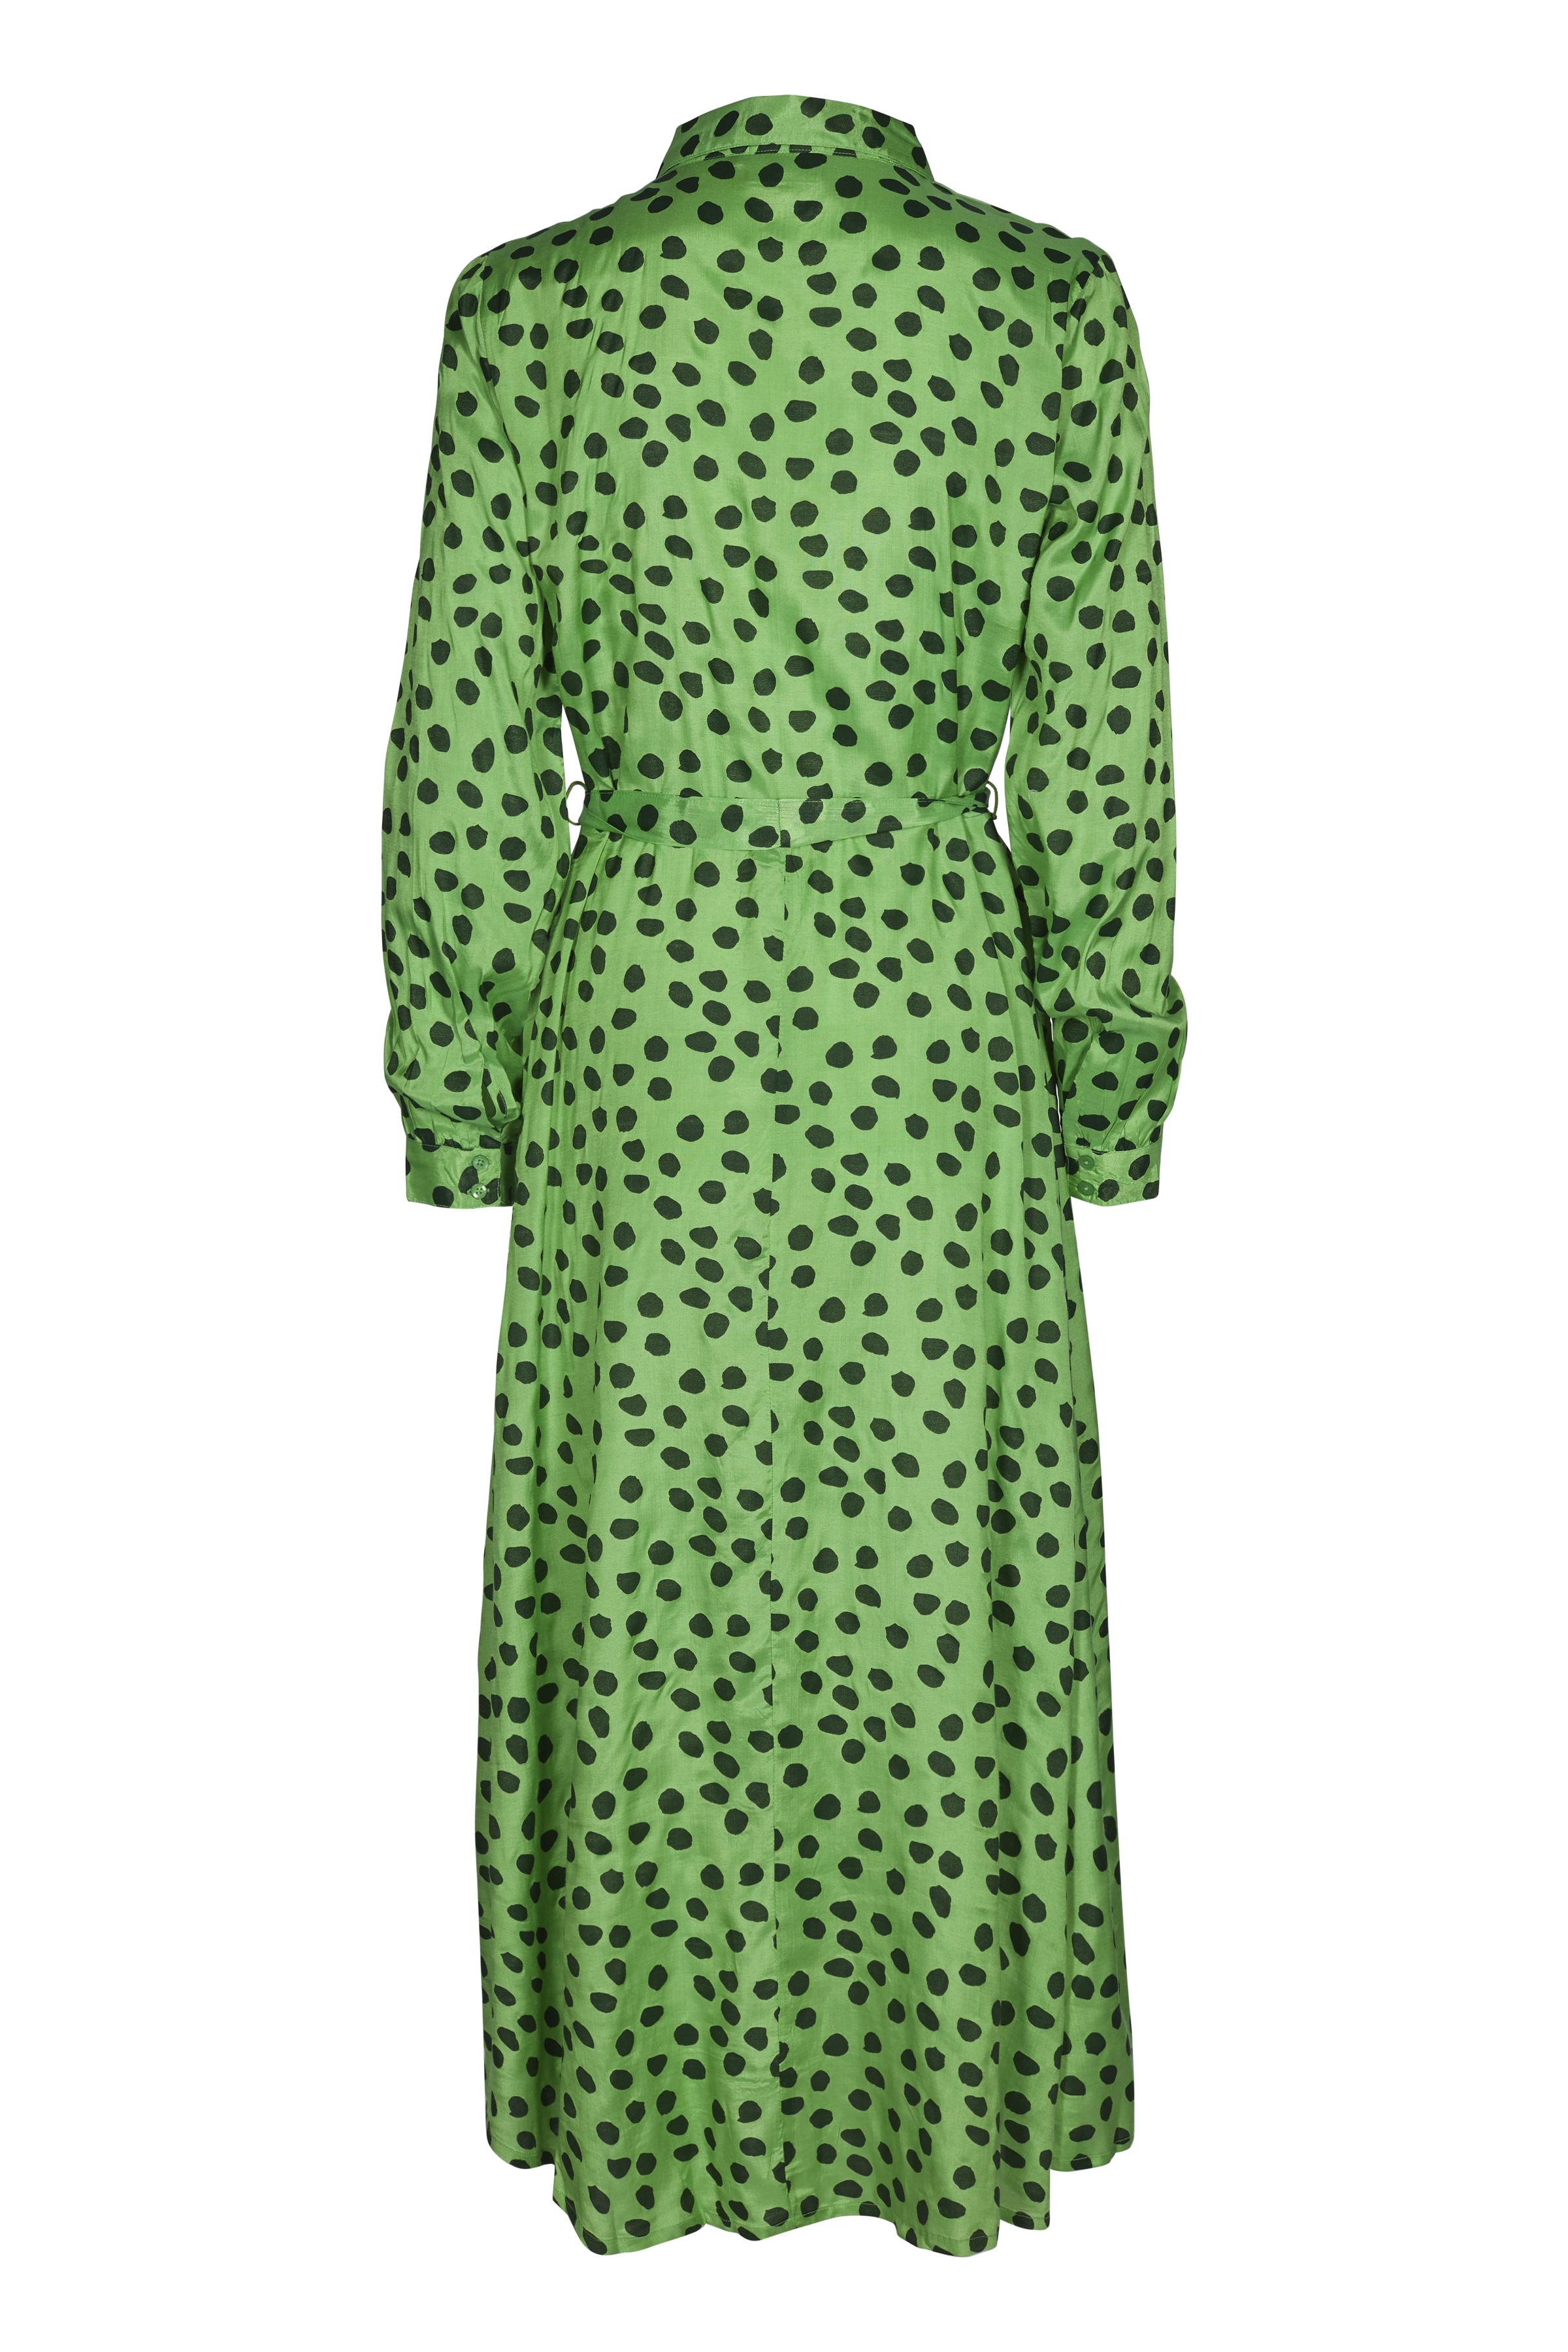 Grøn/mørkegrøn Kjole fra Kaffe – Køb Grøn/mørkegrøn Kjole fra str. 34-46 her